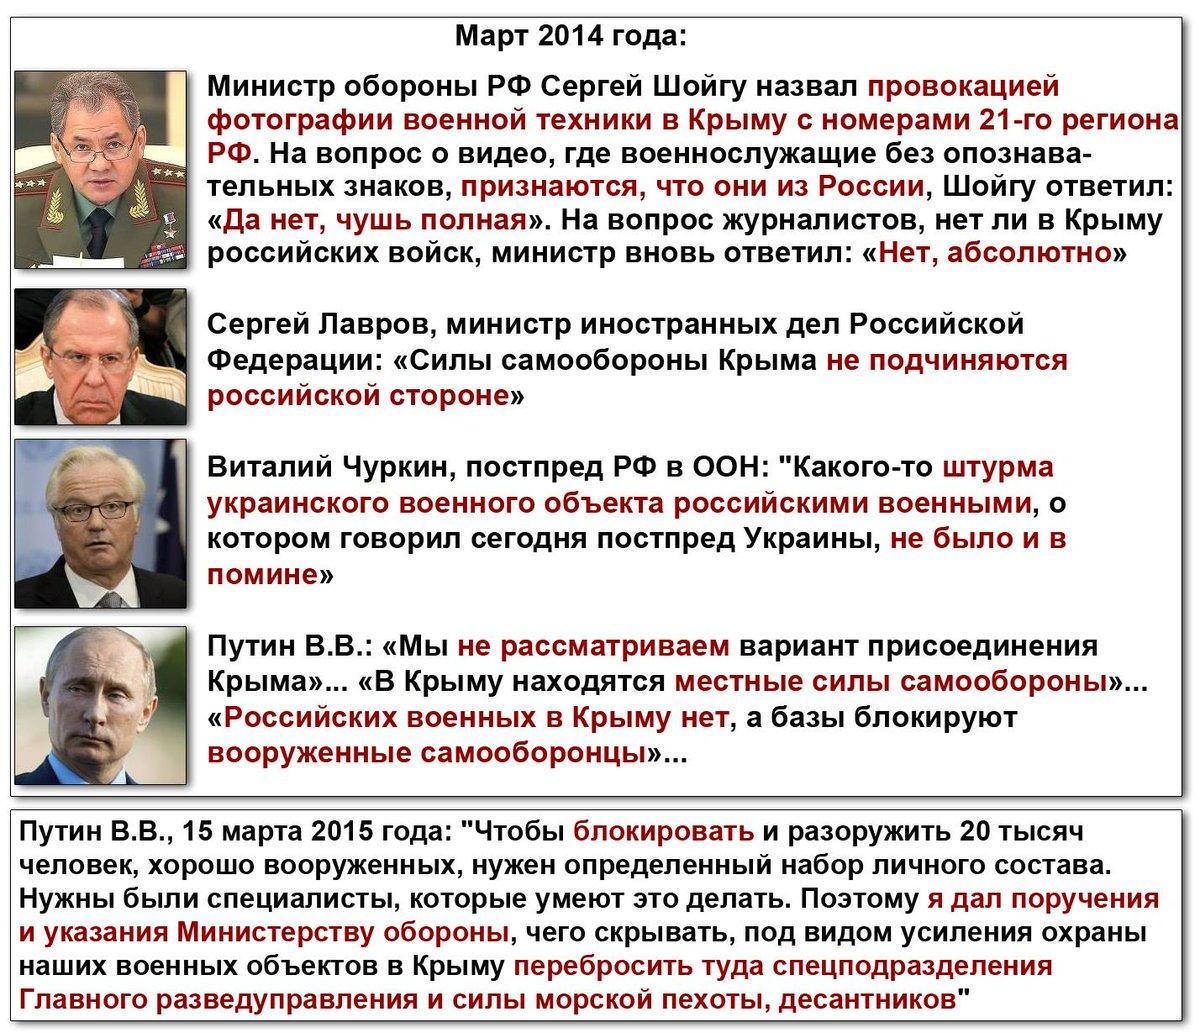 Взрыва на борту Ту-154 не было, но версия теракта не снимается, - Минобороны РФ - Цензор.НЕТ 1040